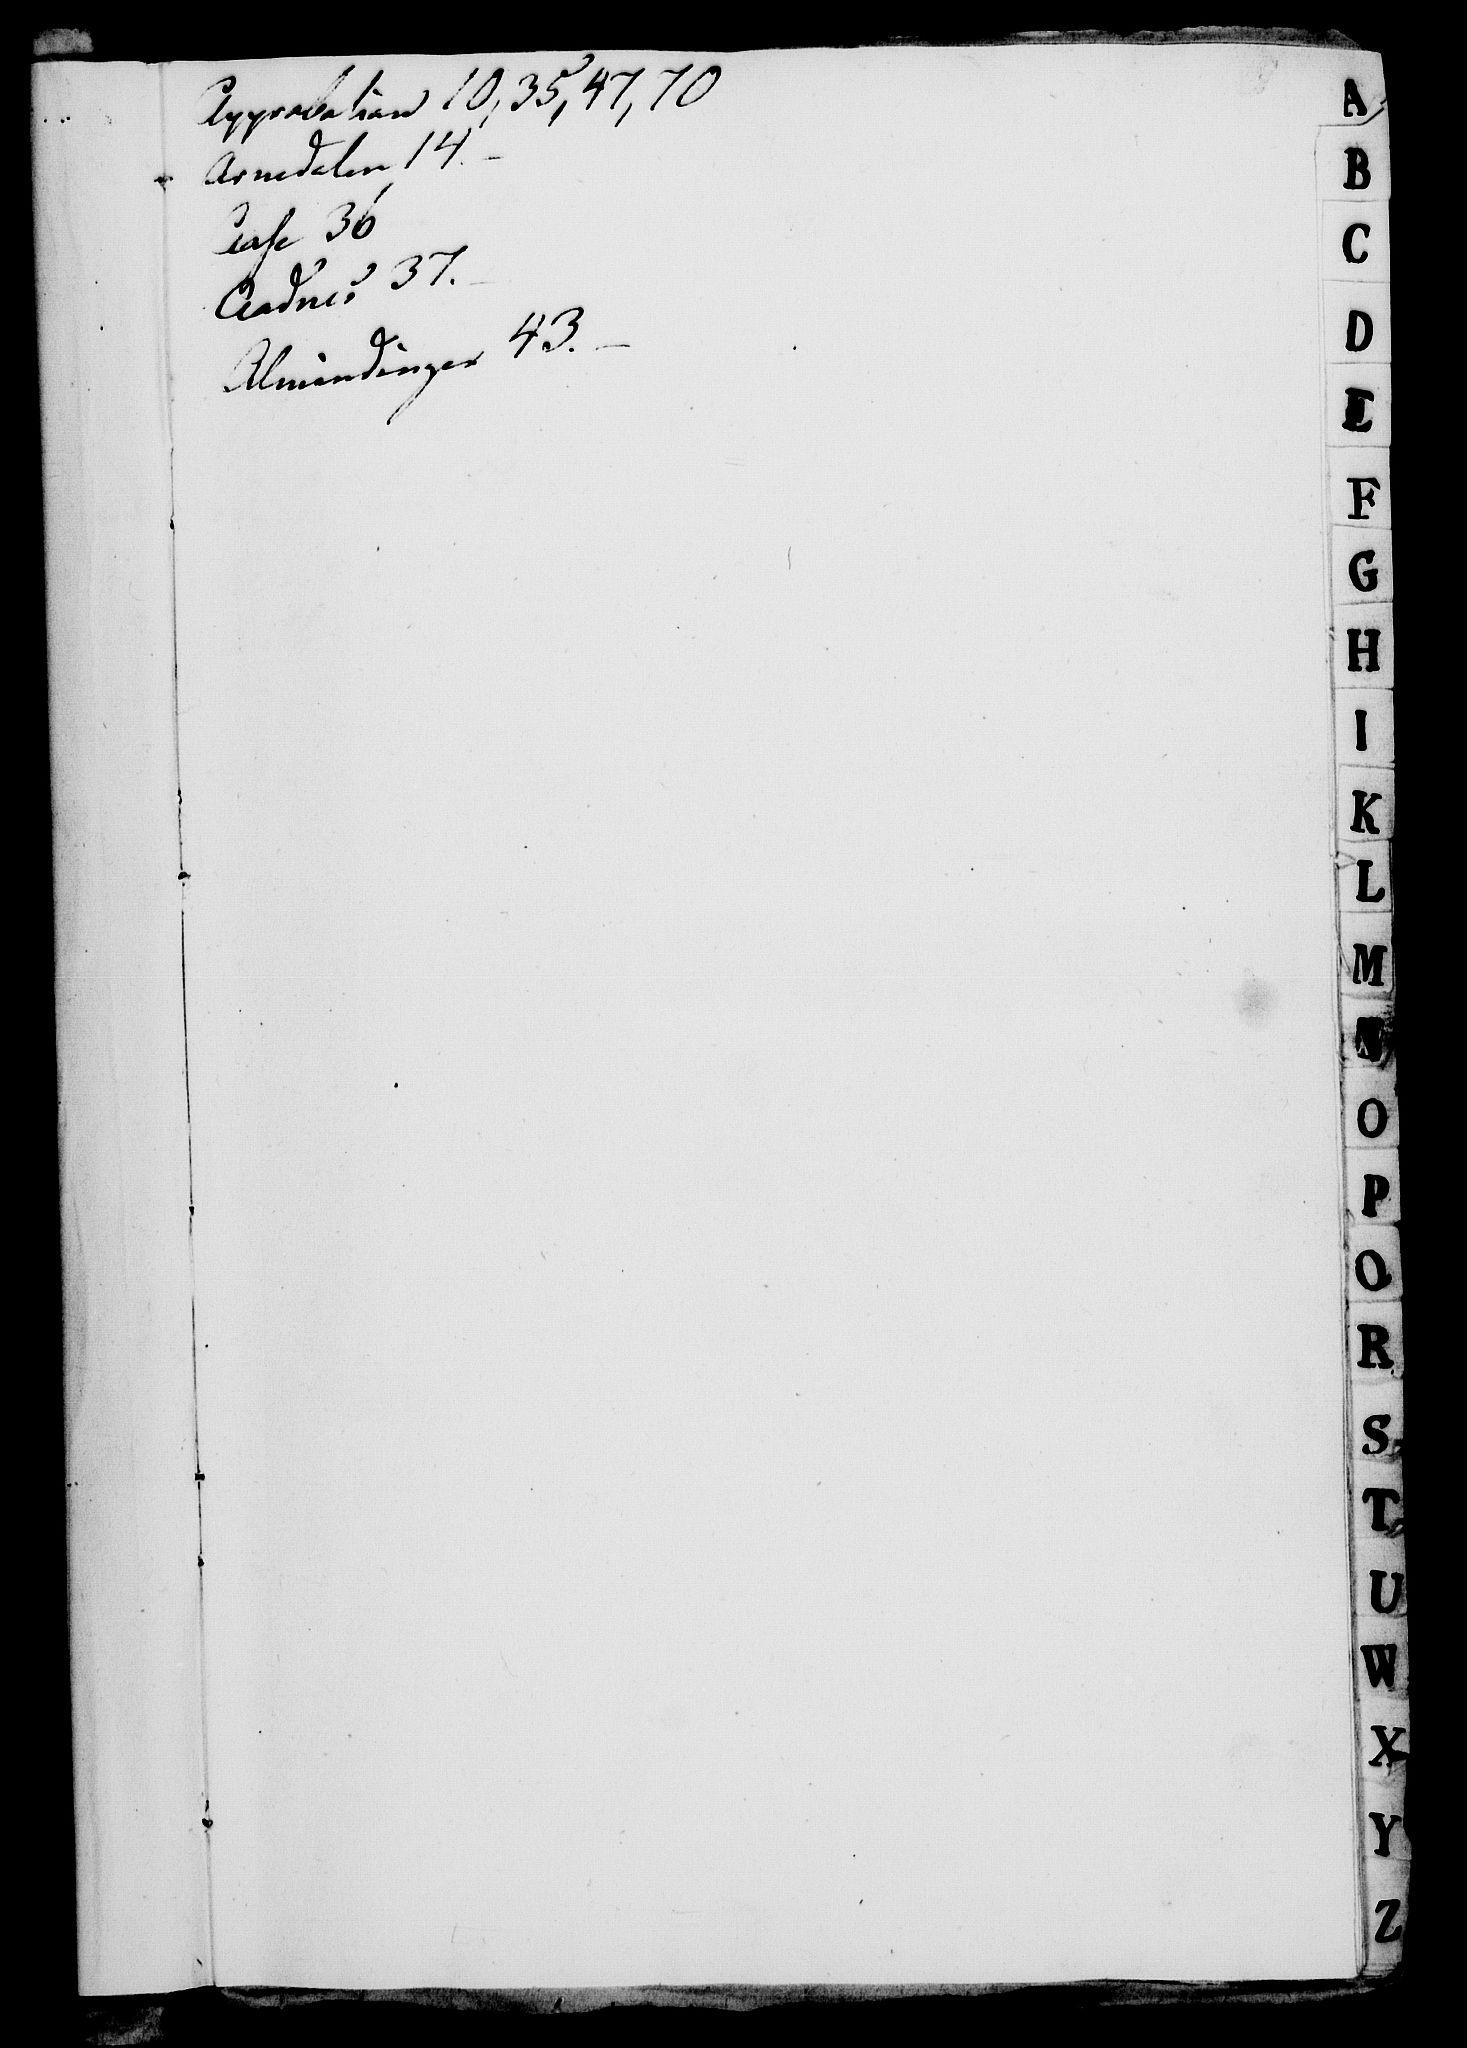 RA, Rentekammeret, Kammerkanselliet, G/Gf/Gfa/L0060: Norsk relasjons- og resolusjonsprotokoll (merket RK 52.60), 1778, s. 3